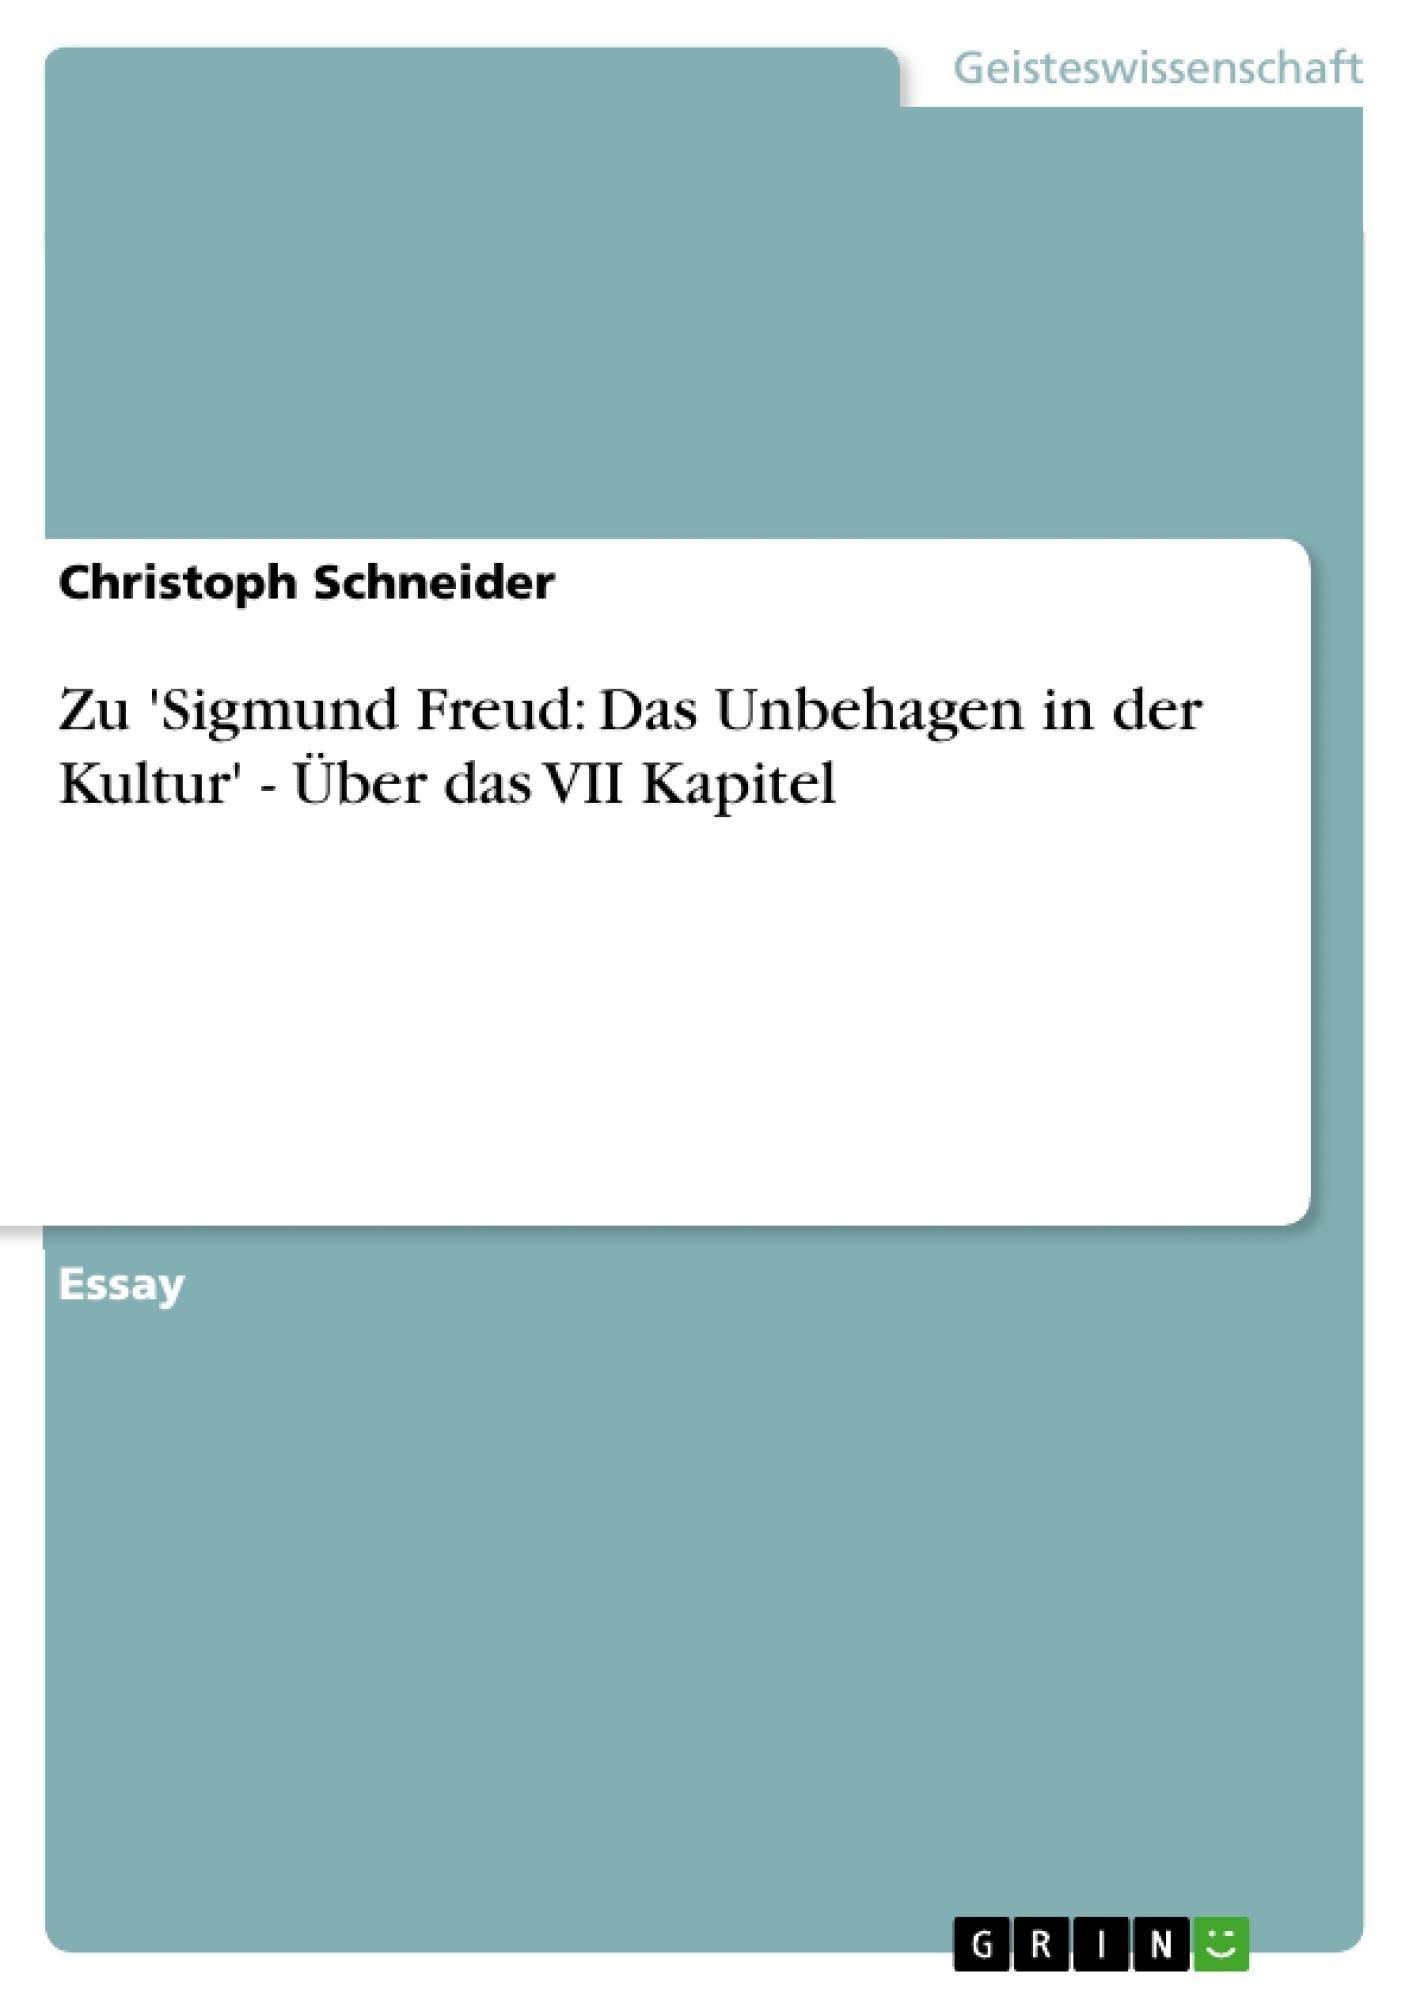 Titel: Zu 'Sigmund Freud: Das Unbehagen in der Kultur' - Über das VII Kapitel